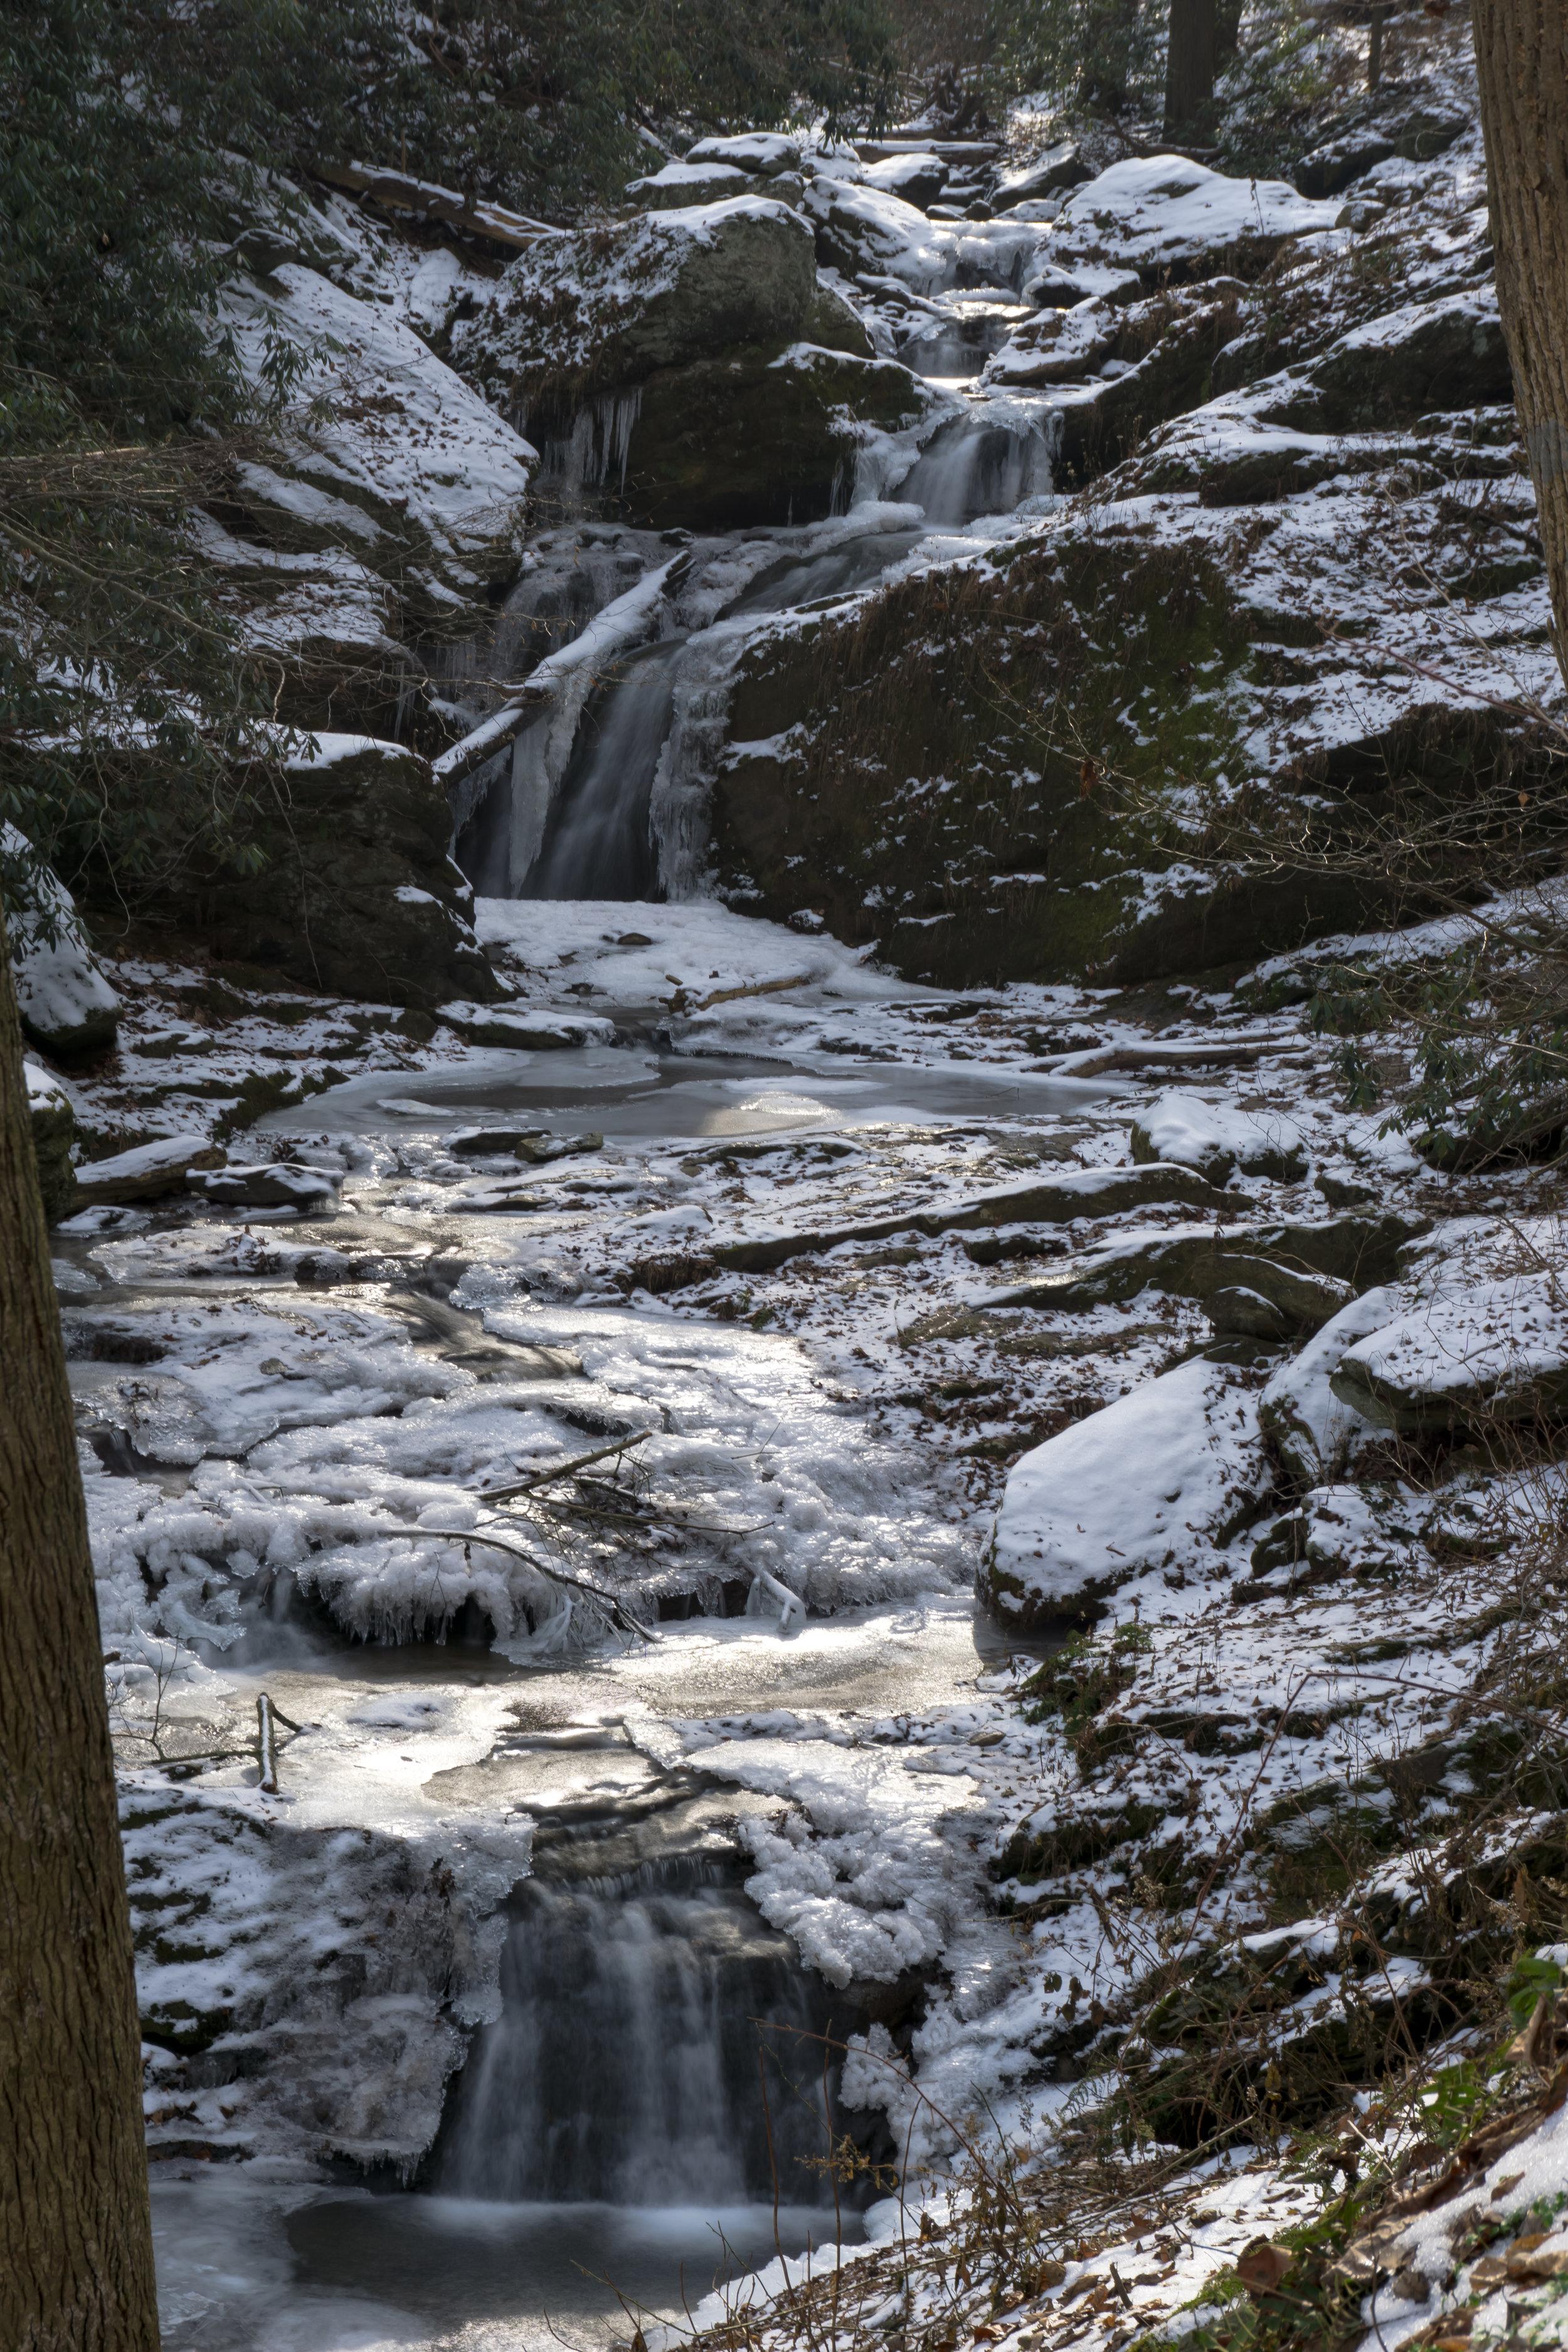 Millcreek Falls